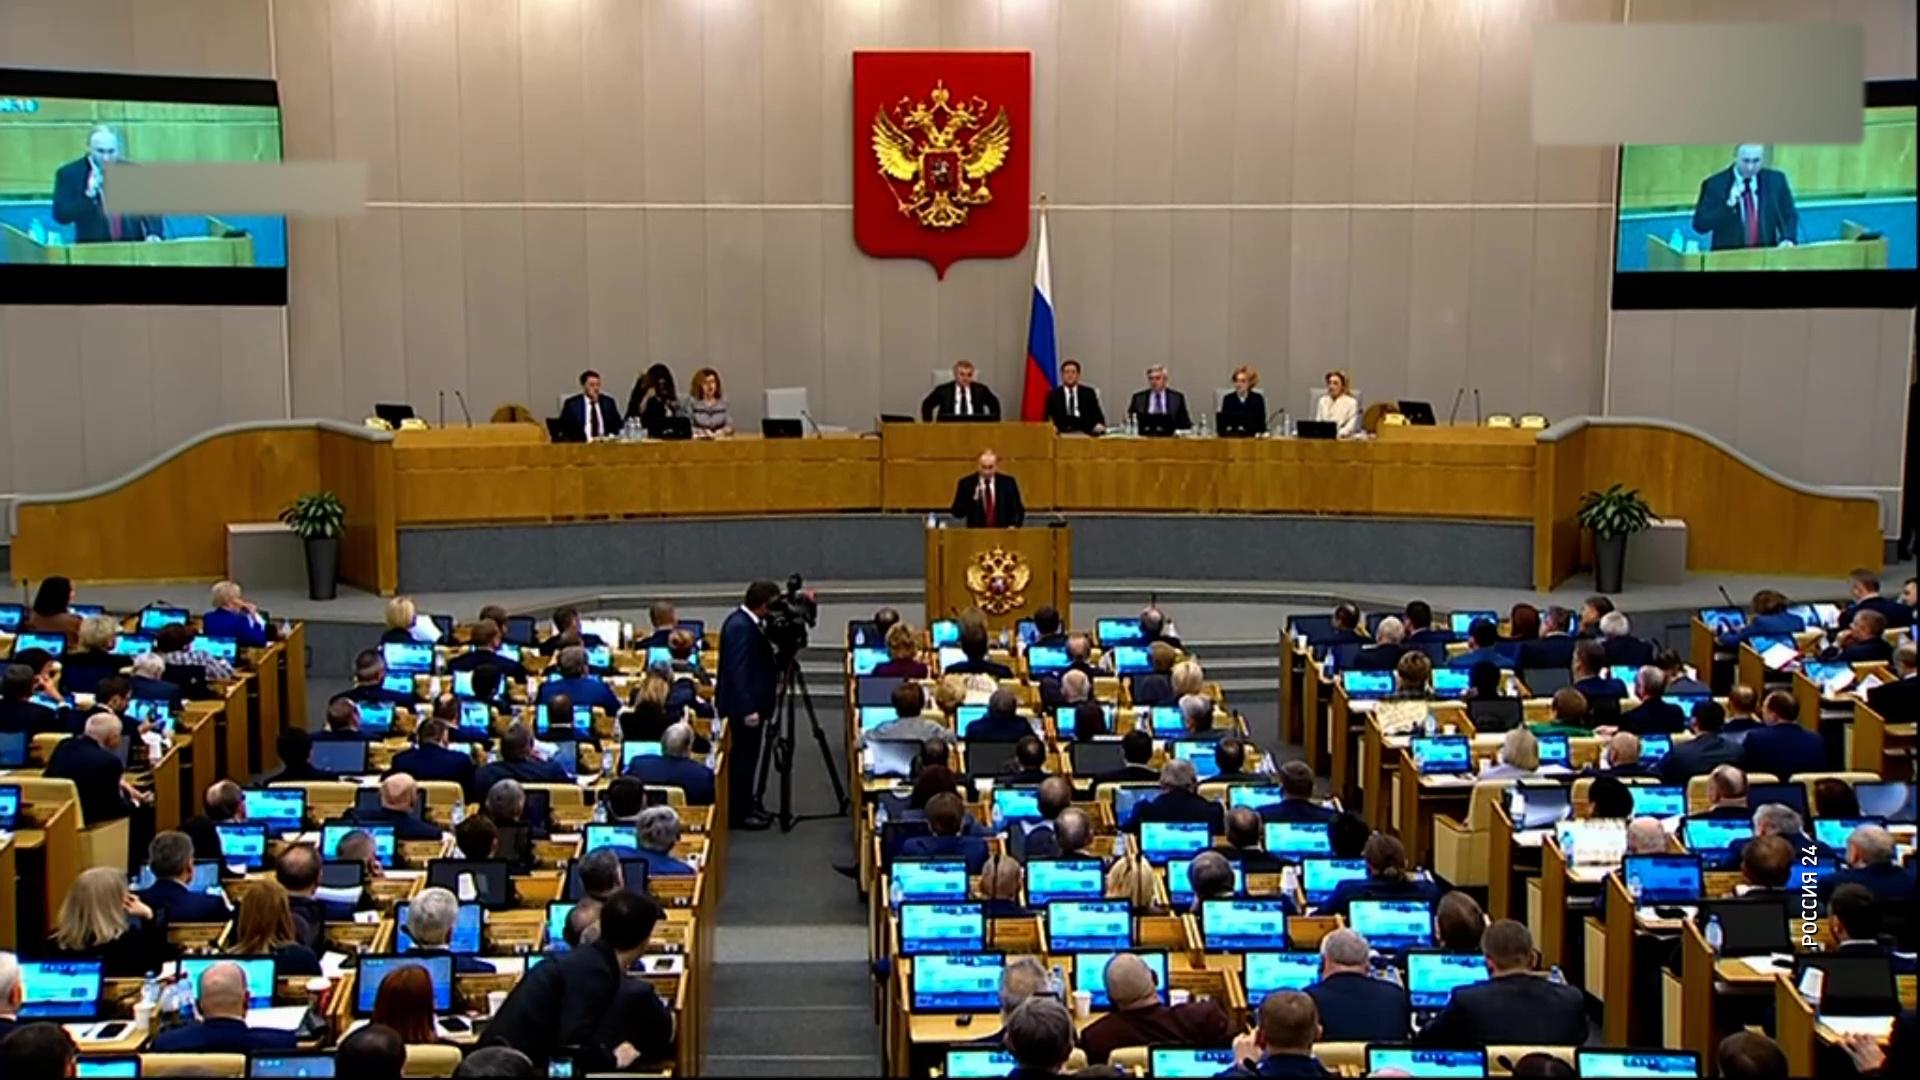 Госдума во втором чтении рассмотрела поправки в Конституцию